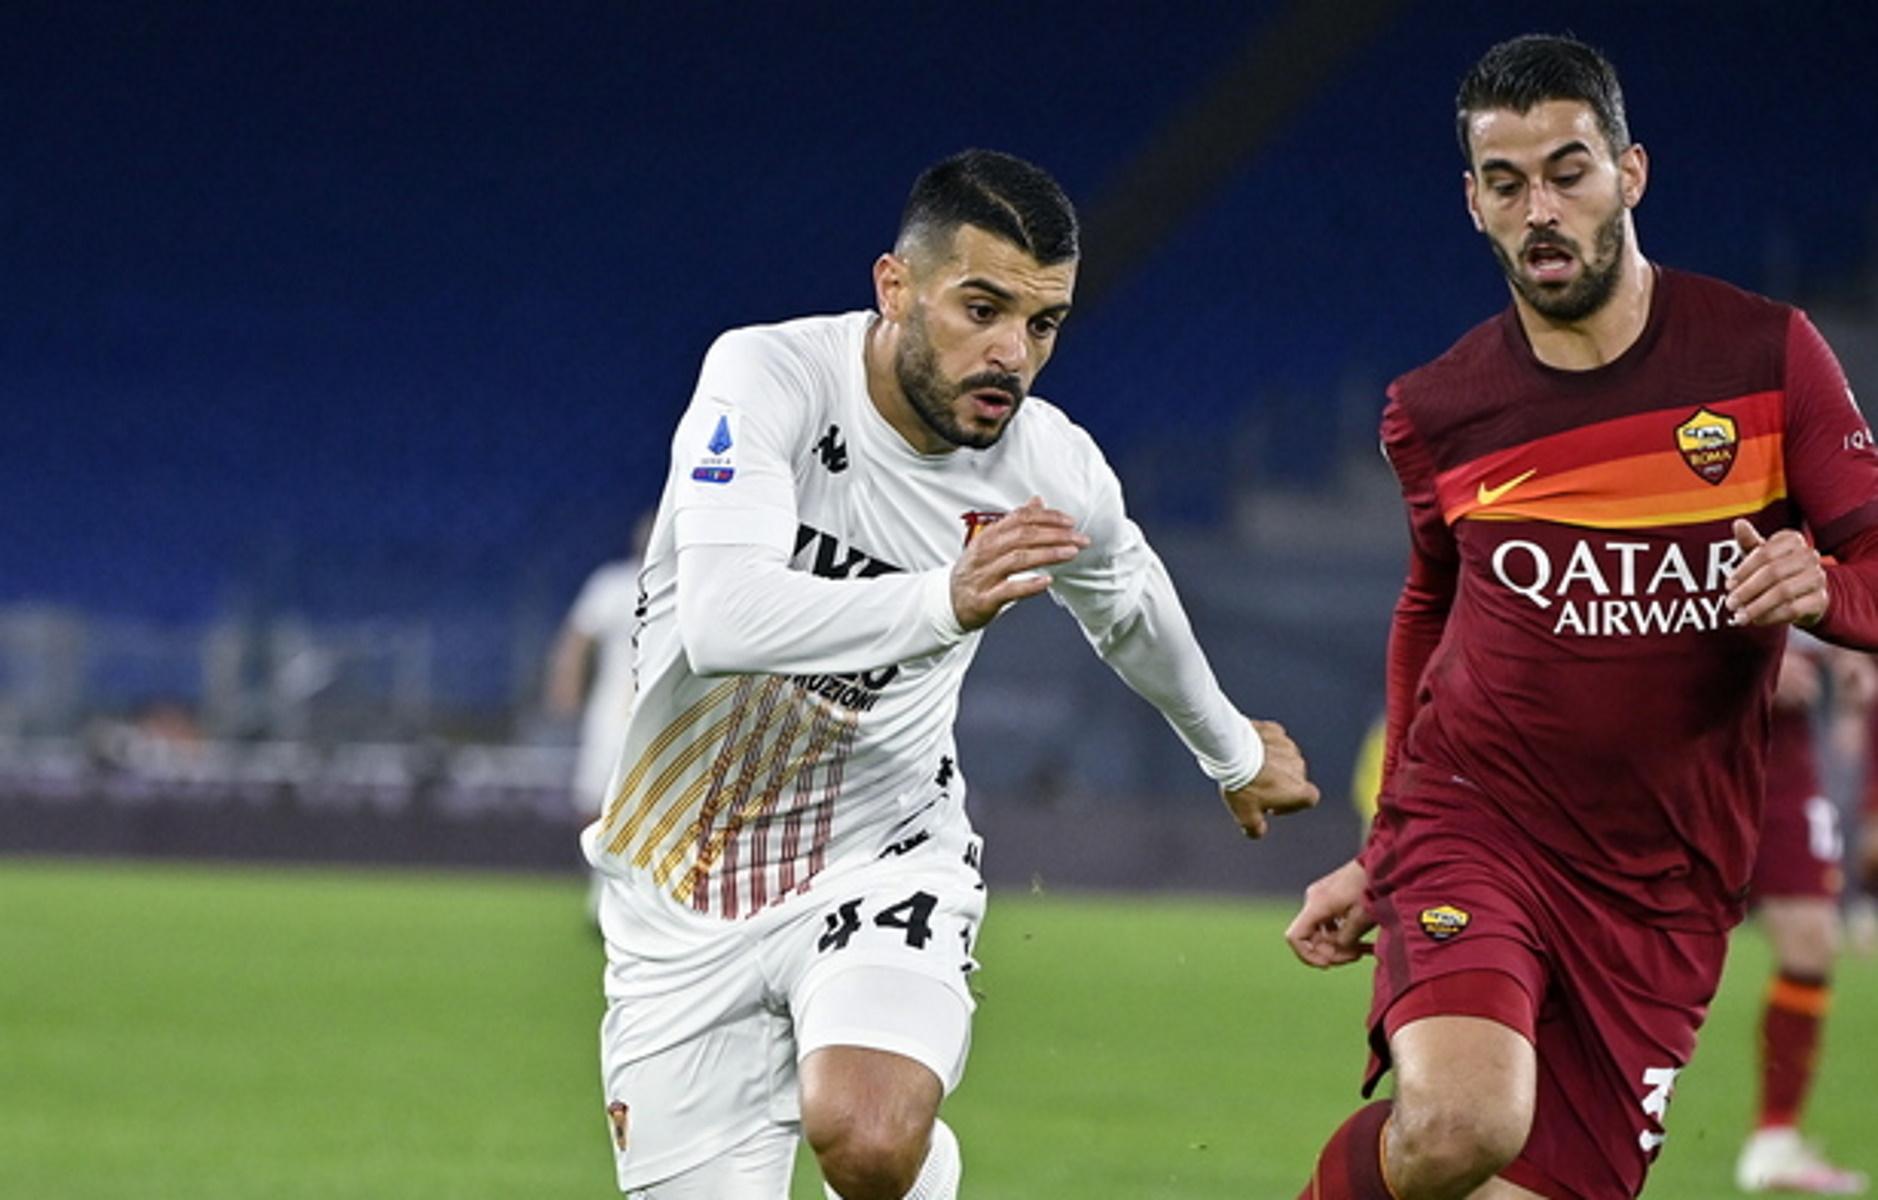 ΑΕΚ: Η «Gazzetta dello Sport» στέλνει στην Ένωση τον Φάλκε